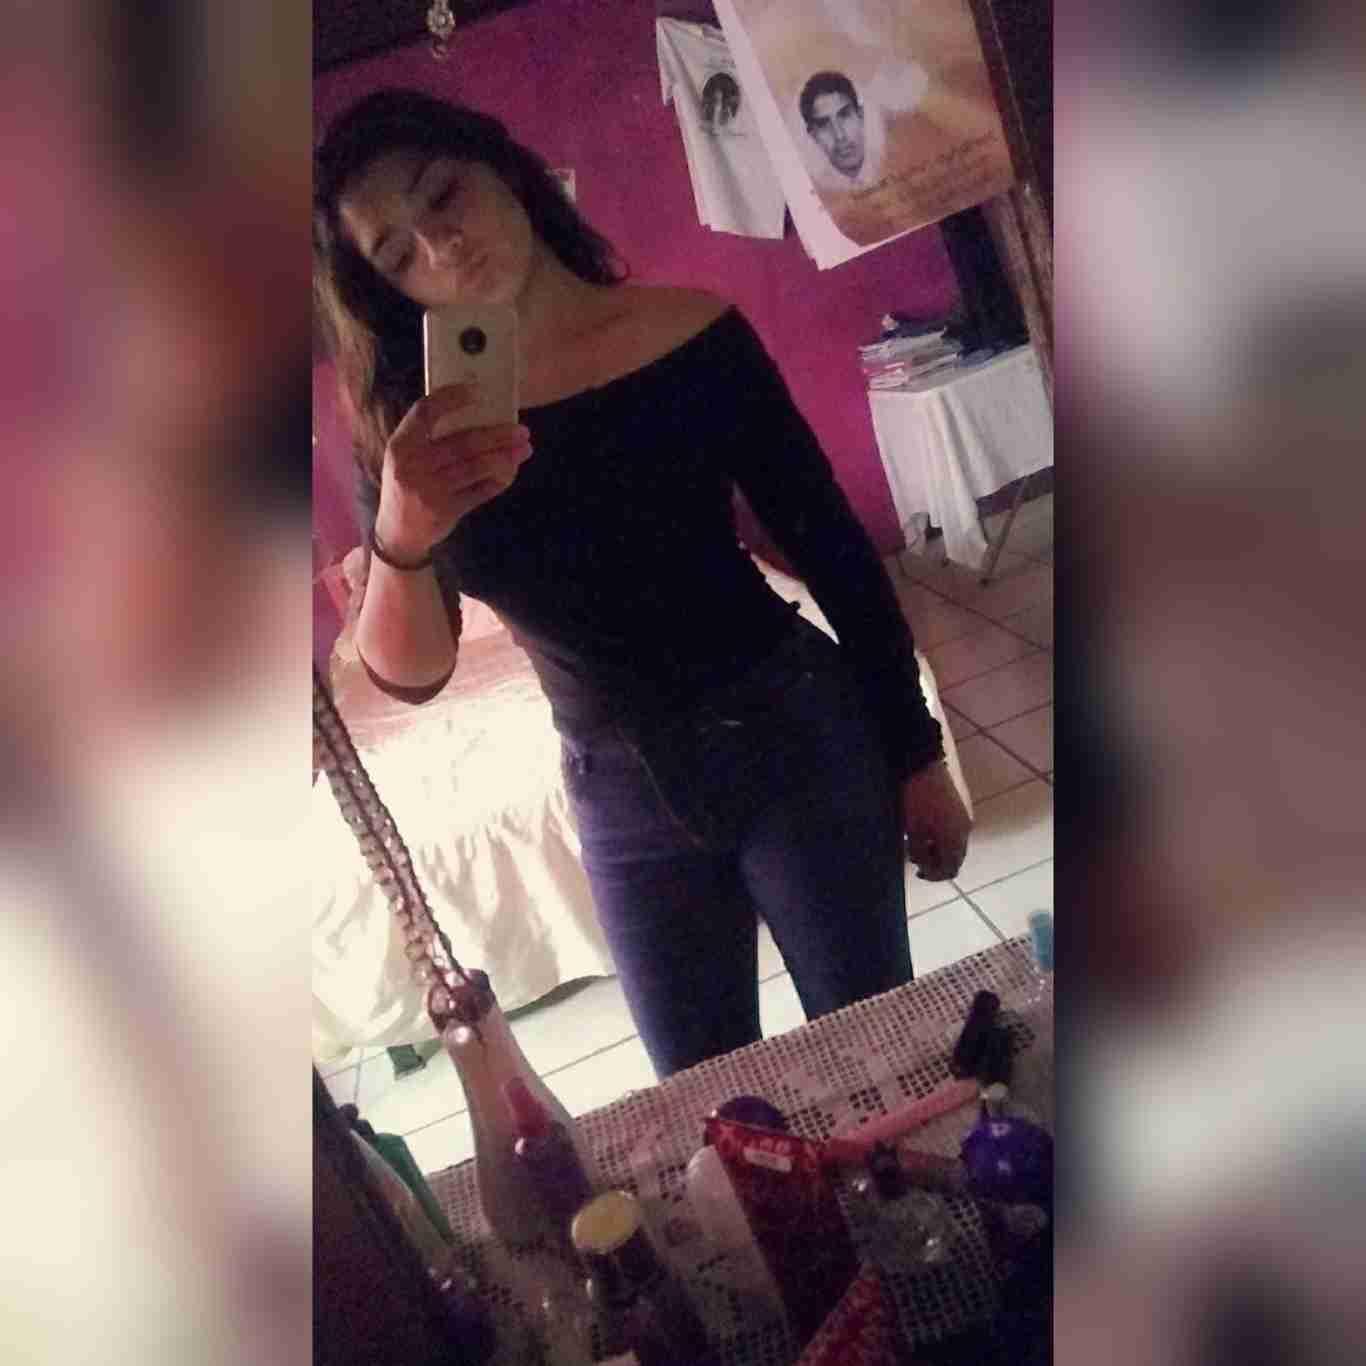 Lorenia Sanchez Rojas